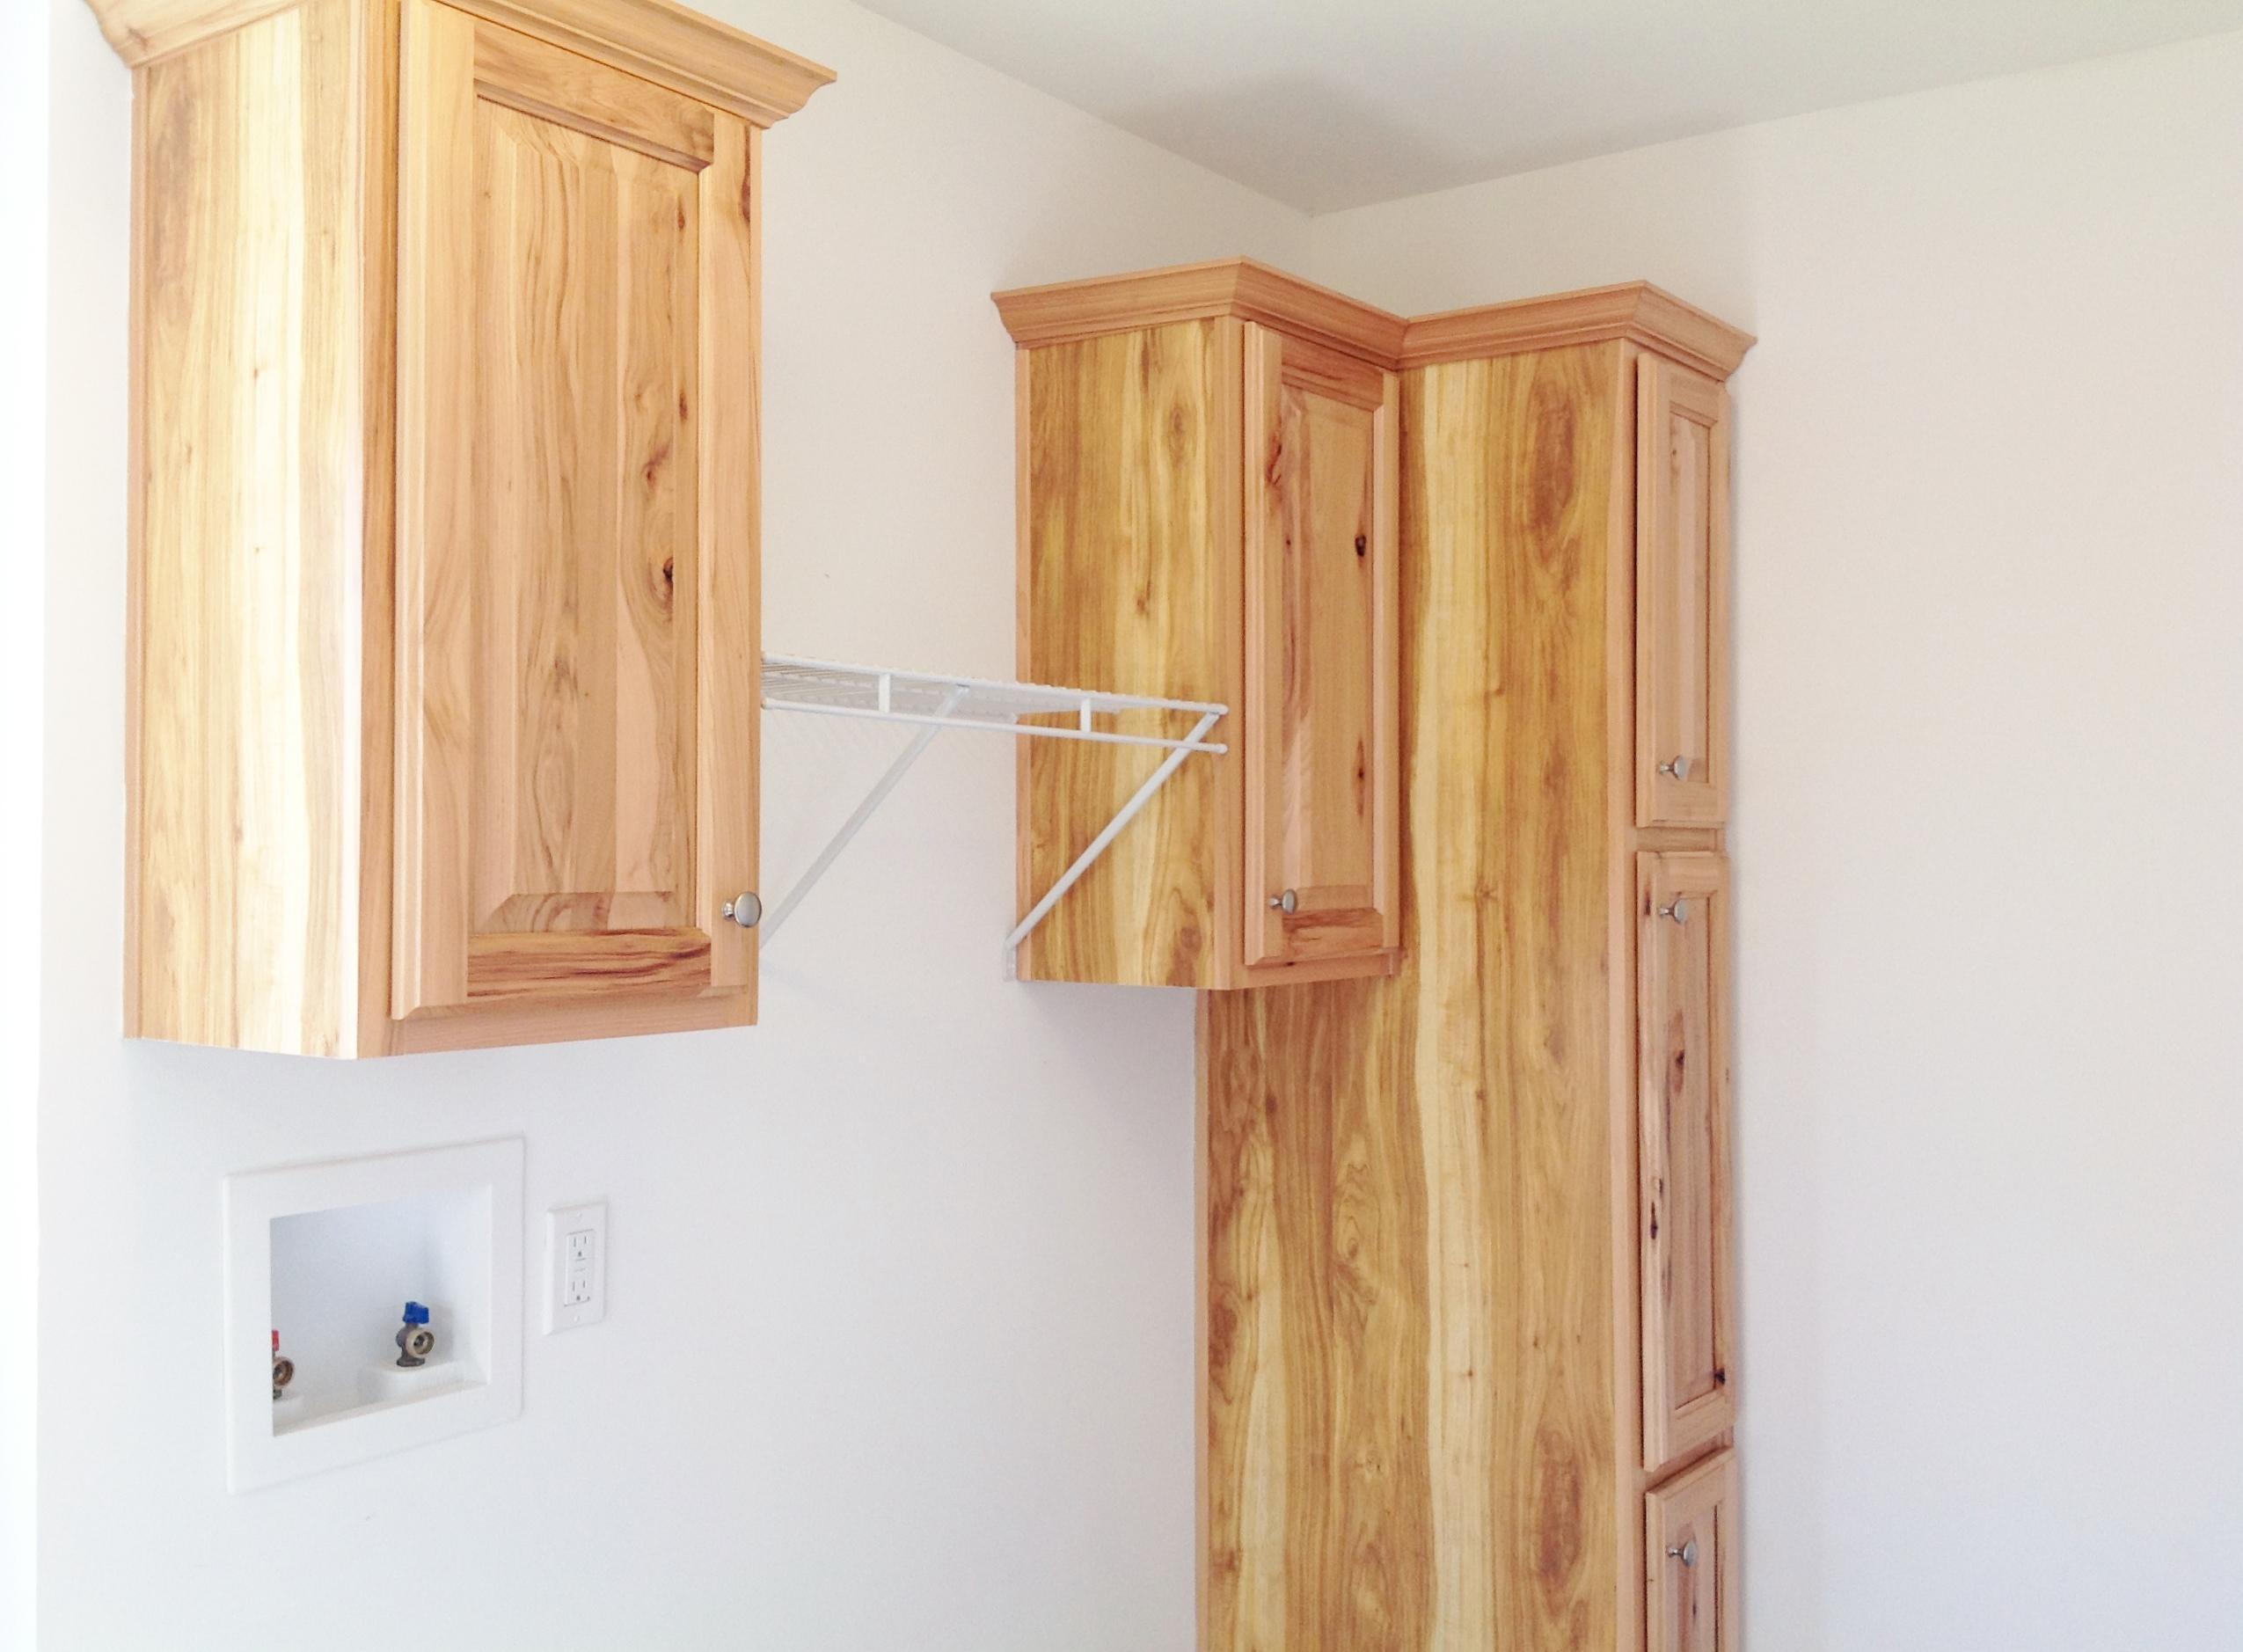 Overhead Storage at Washer/Dryer